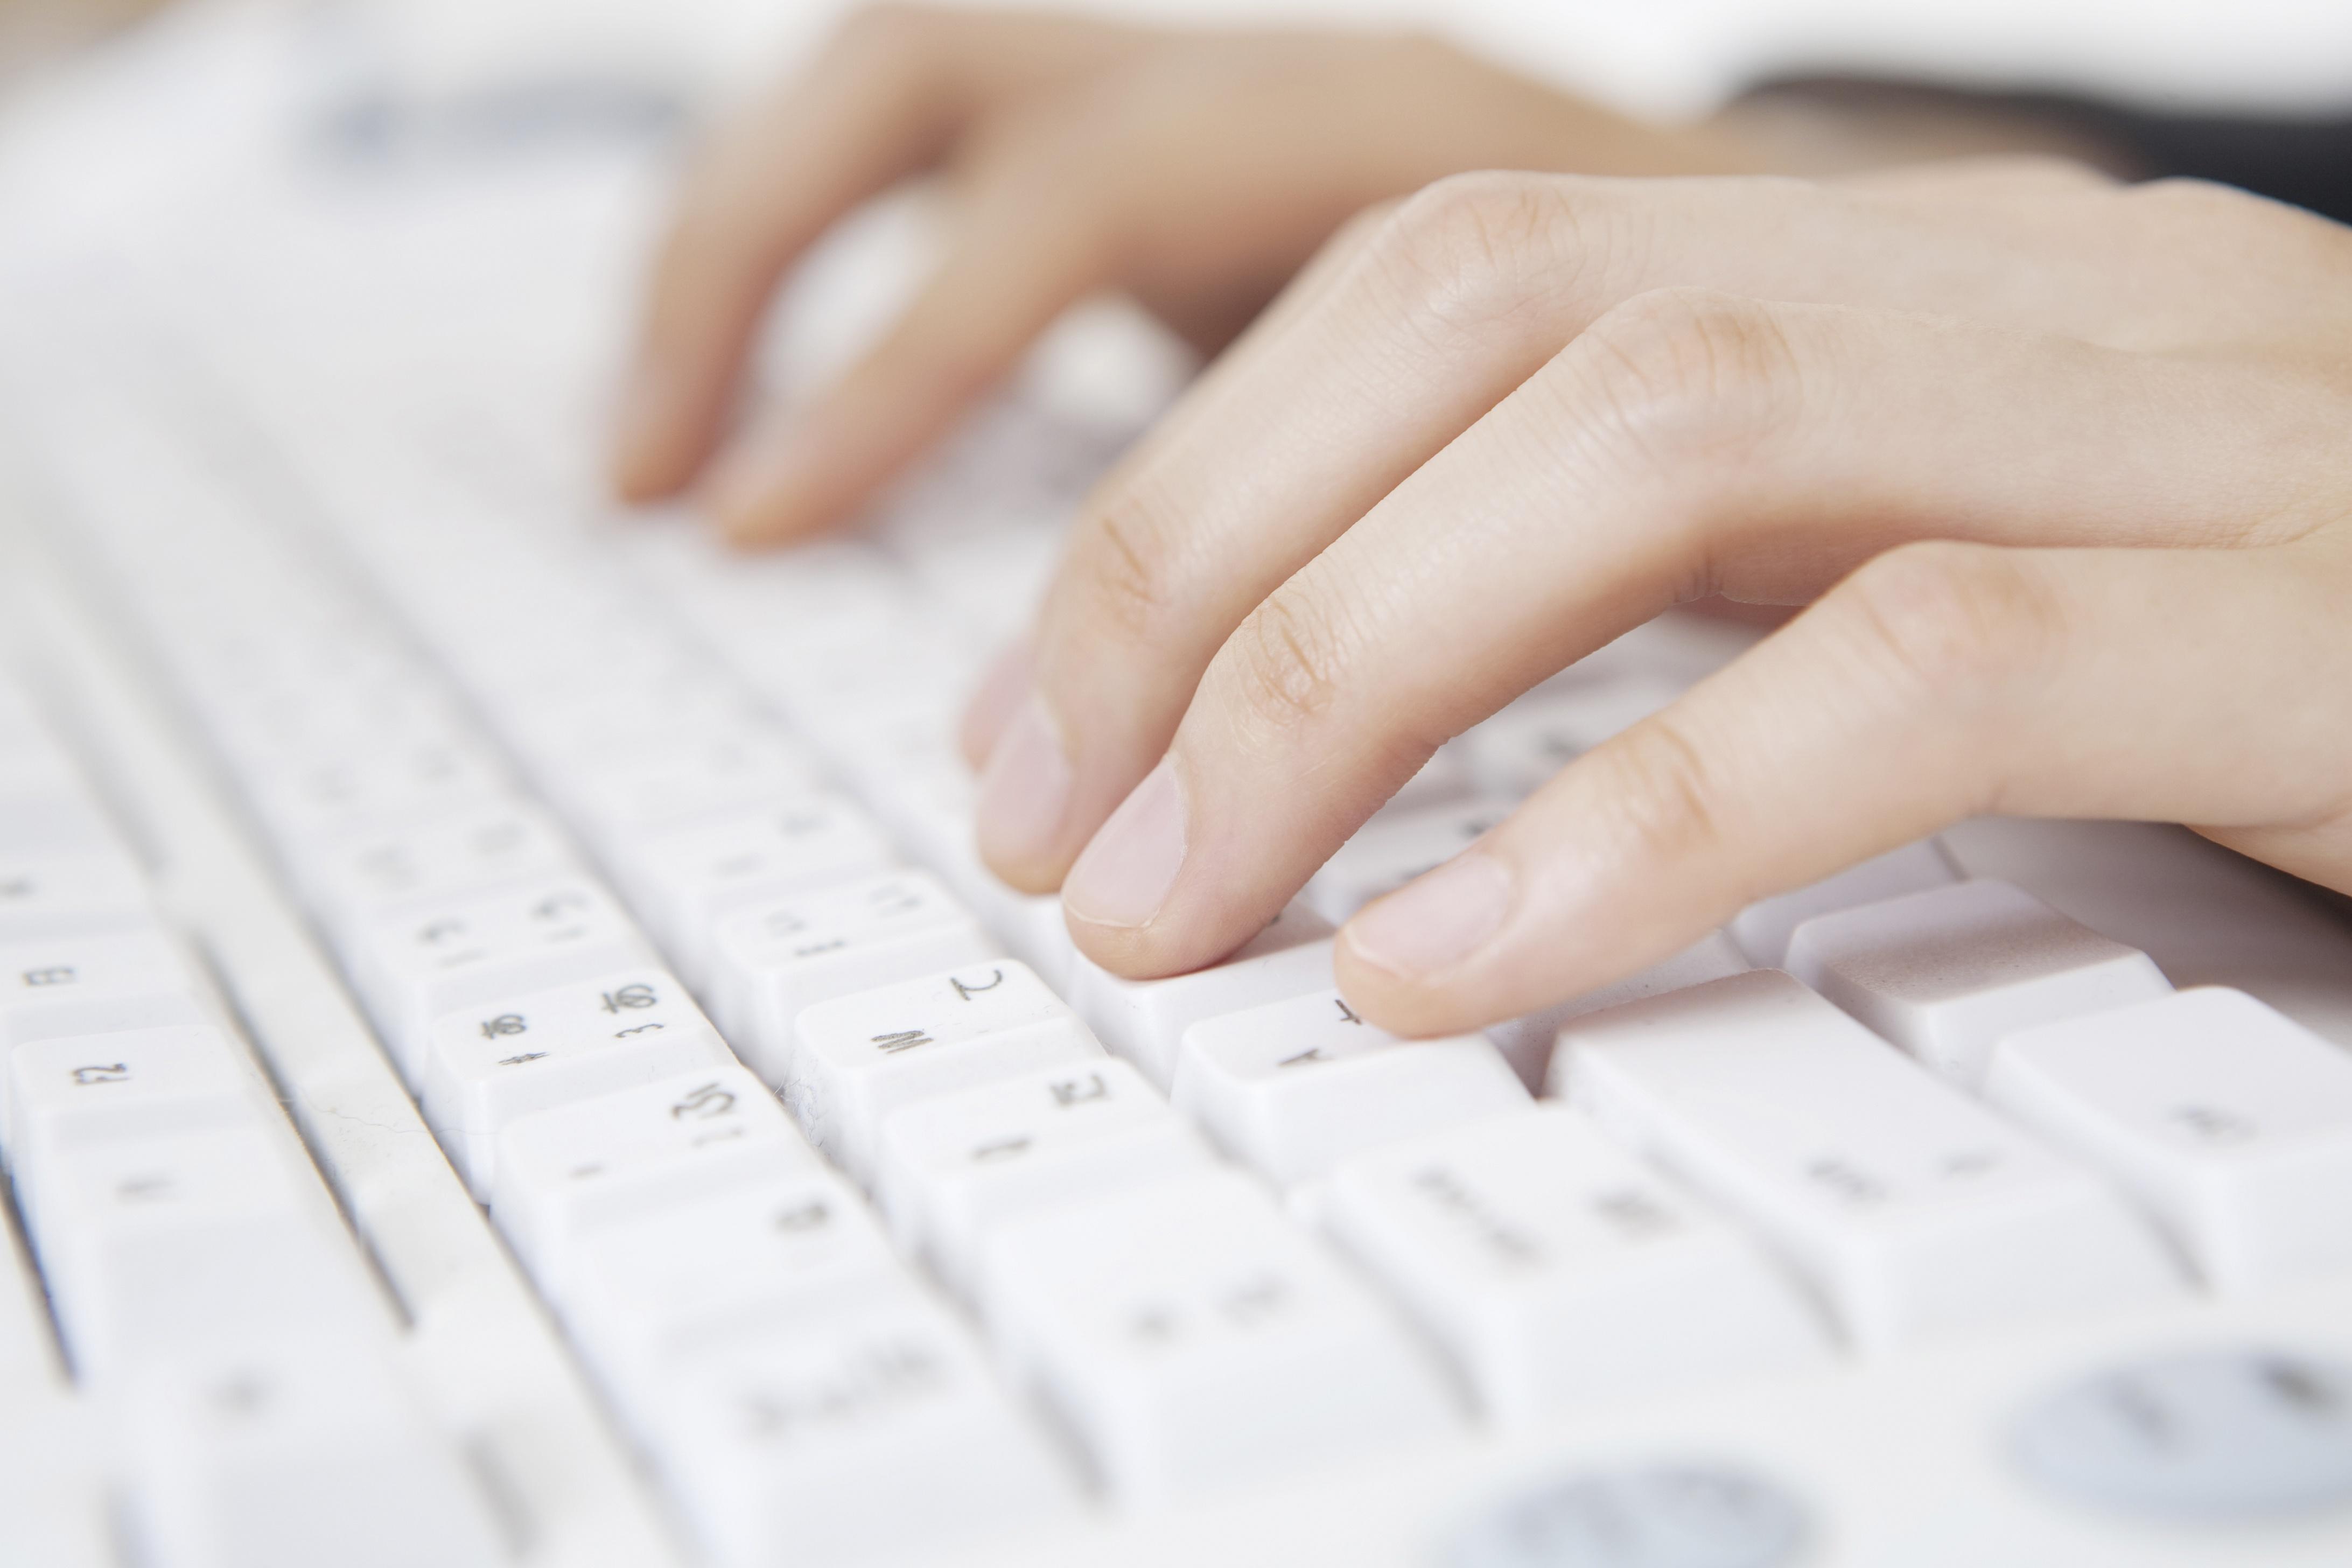 返事をもらえる営業メール作成のためのテクニック